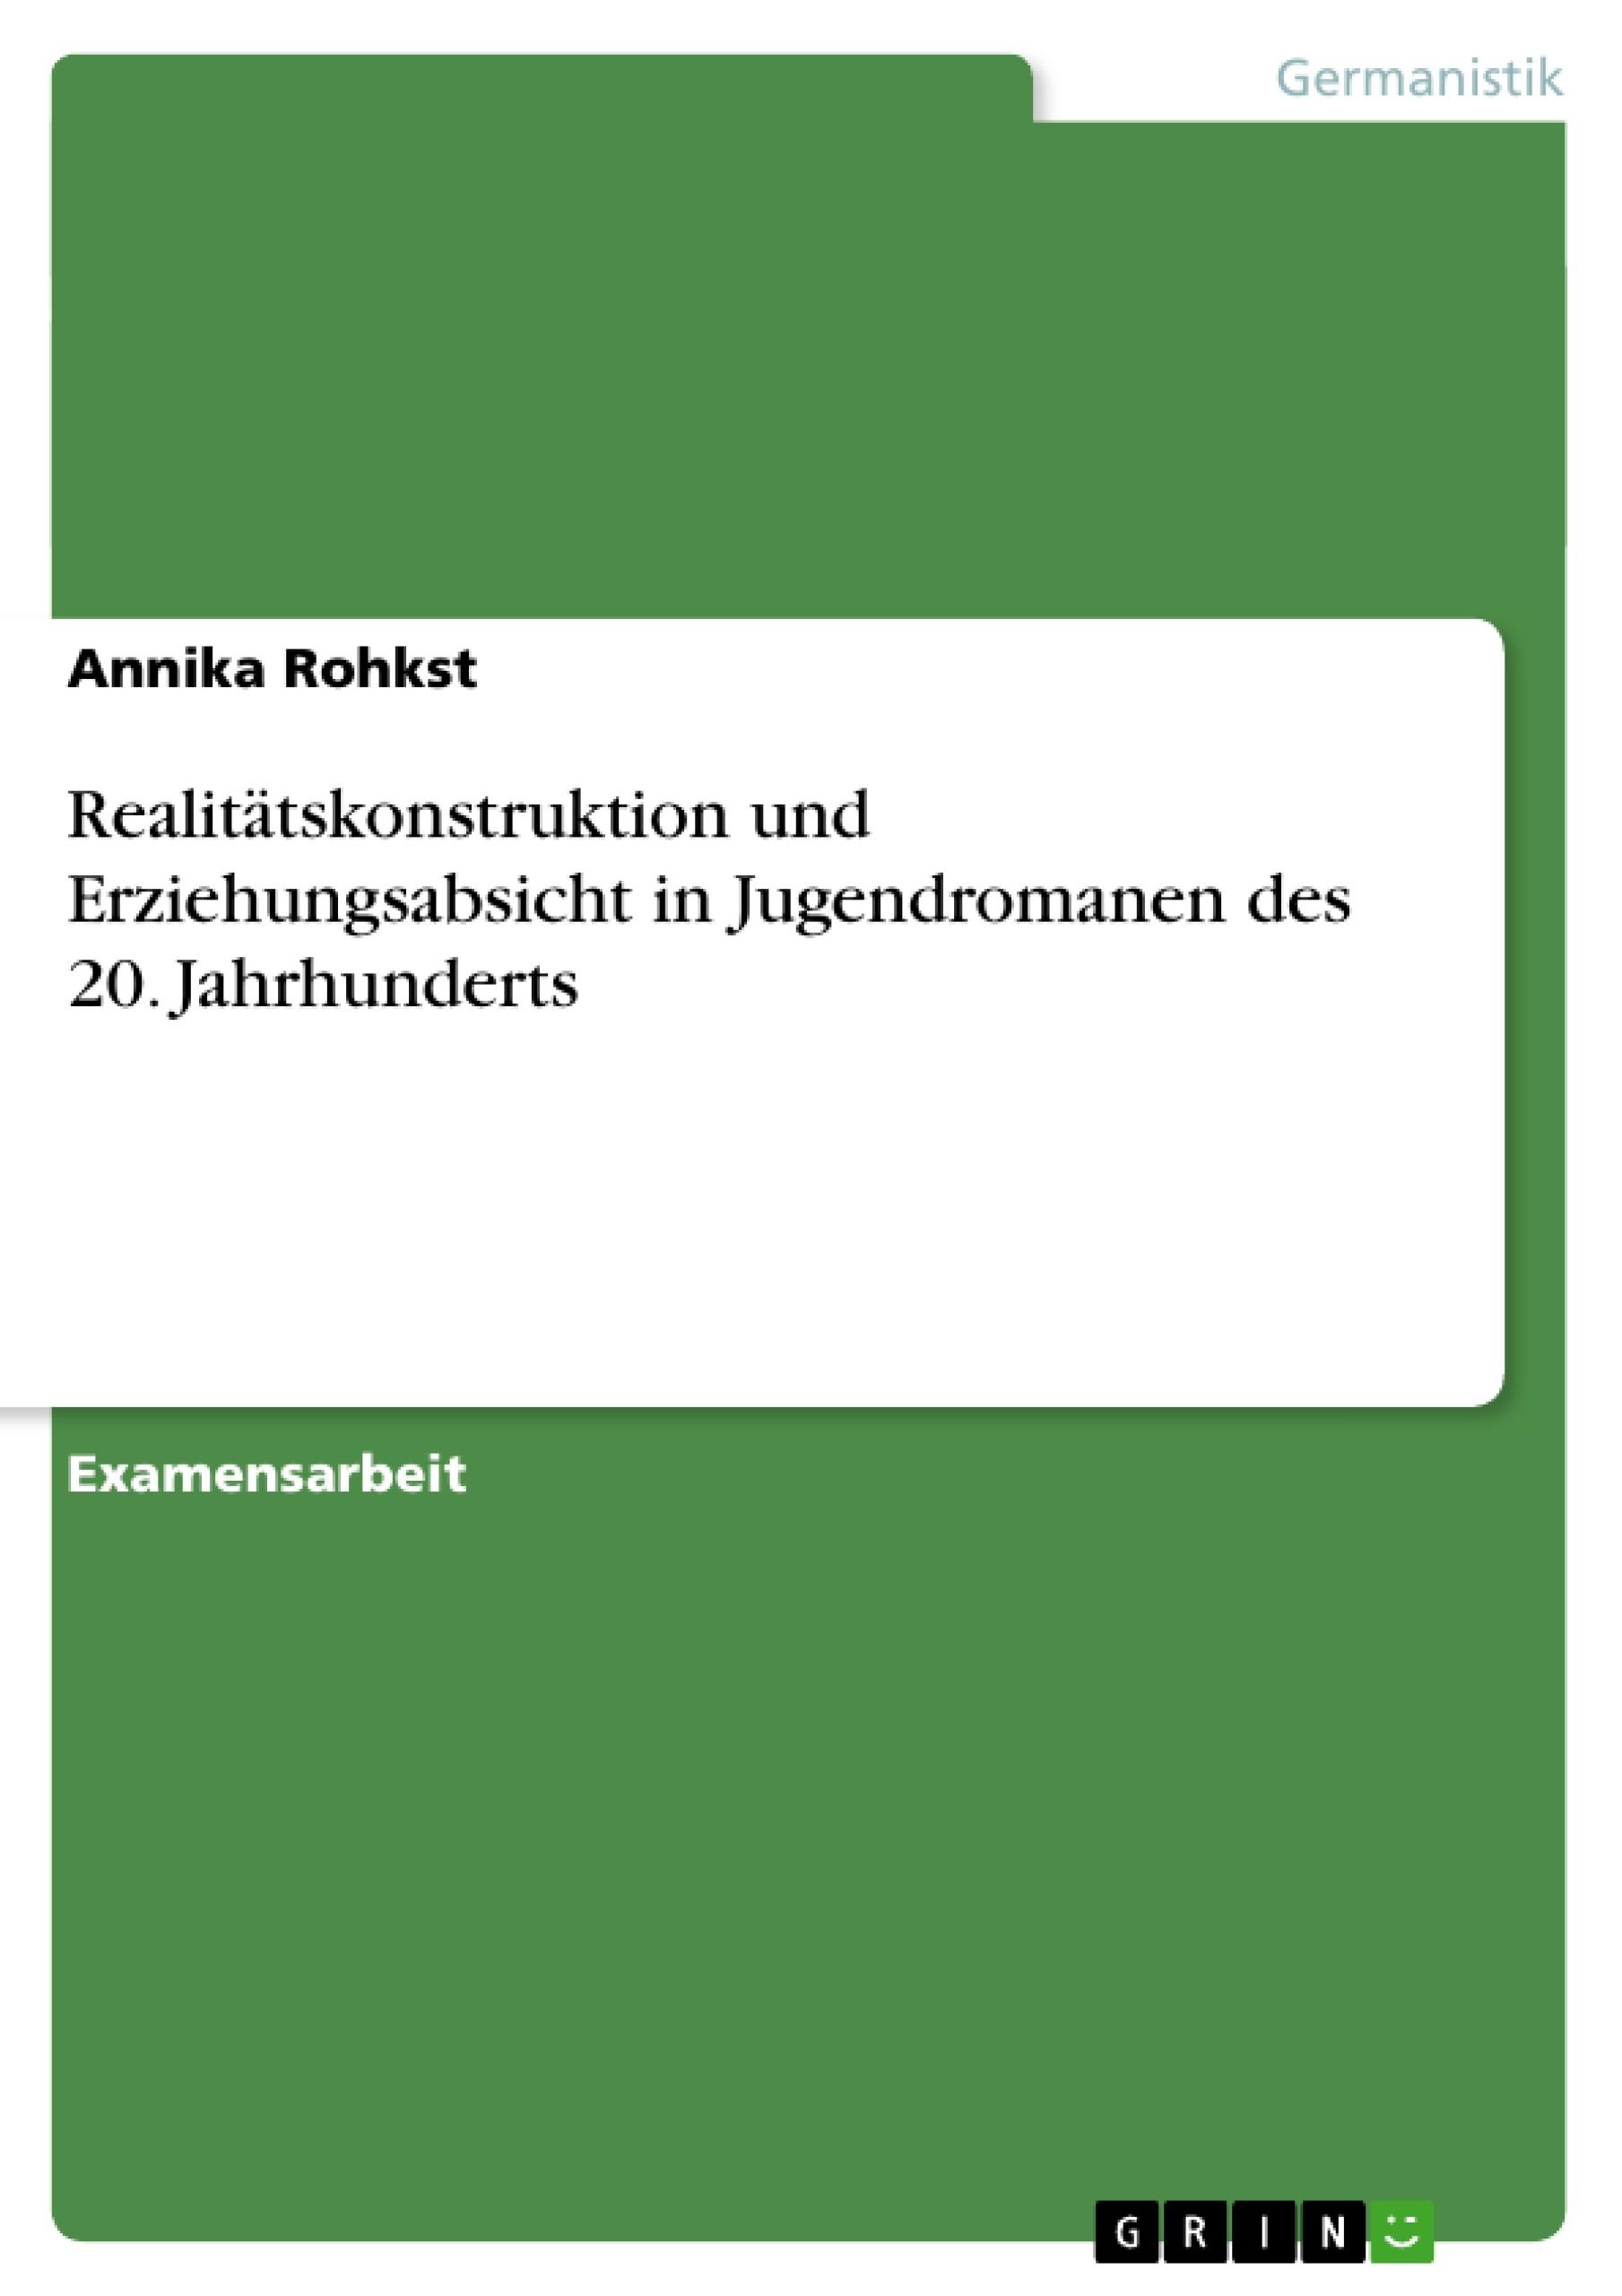 Titel: Realitätskonstruktion und Erziehungsabsicht in Jugendromanen des 20. Jahrhunderts